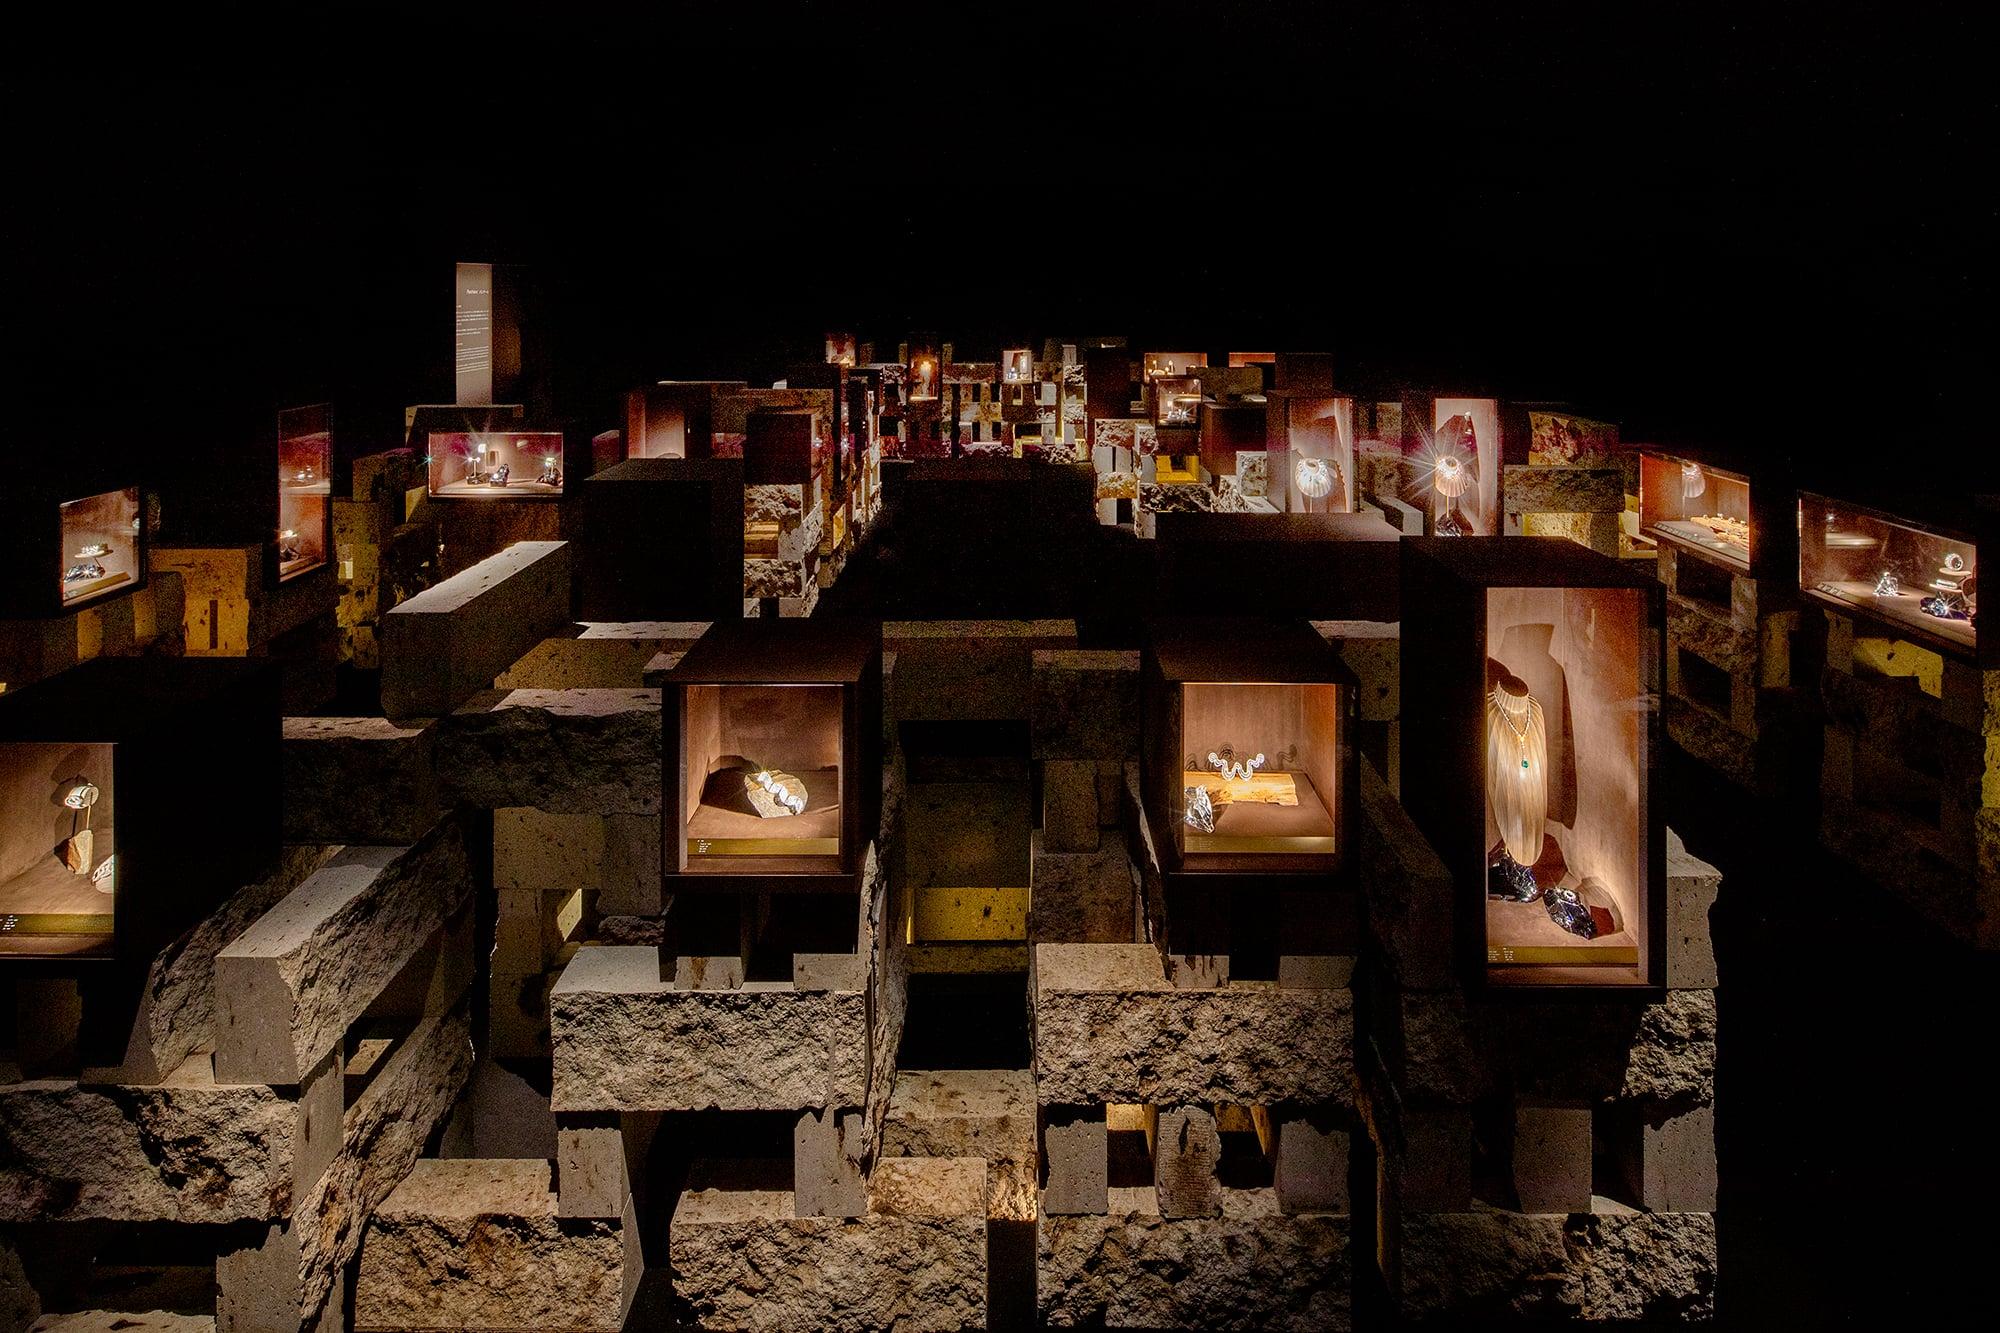 第2章の展示風景。 新素材研究所 © N.M.R.L./ Hiroshi Sugimoto + Tomoyuki Sakakida